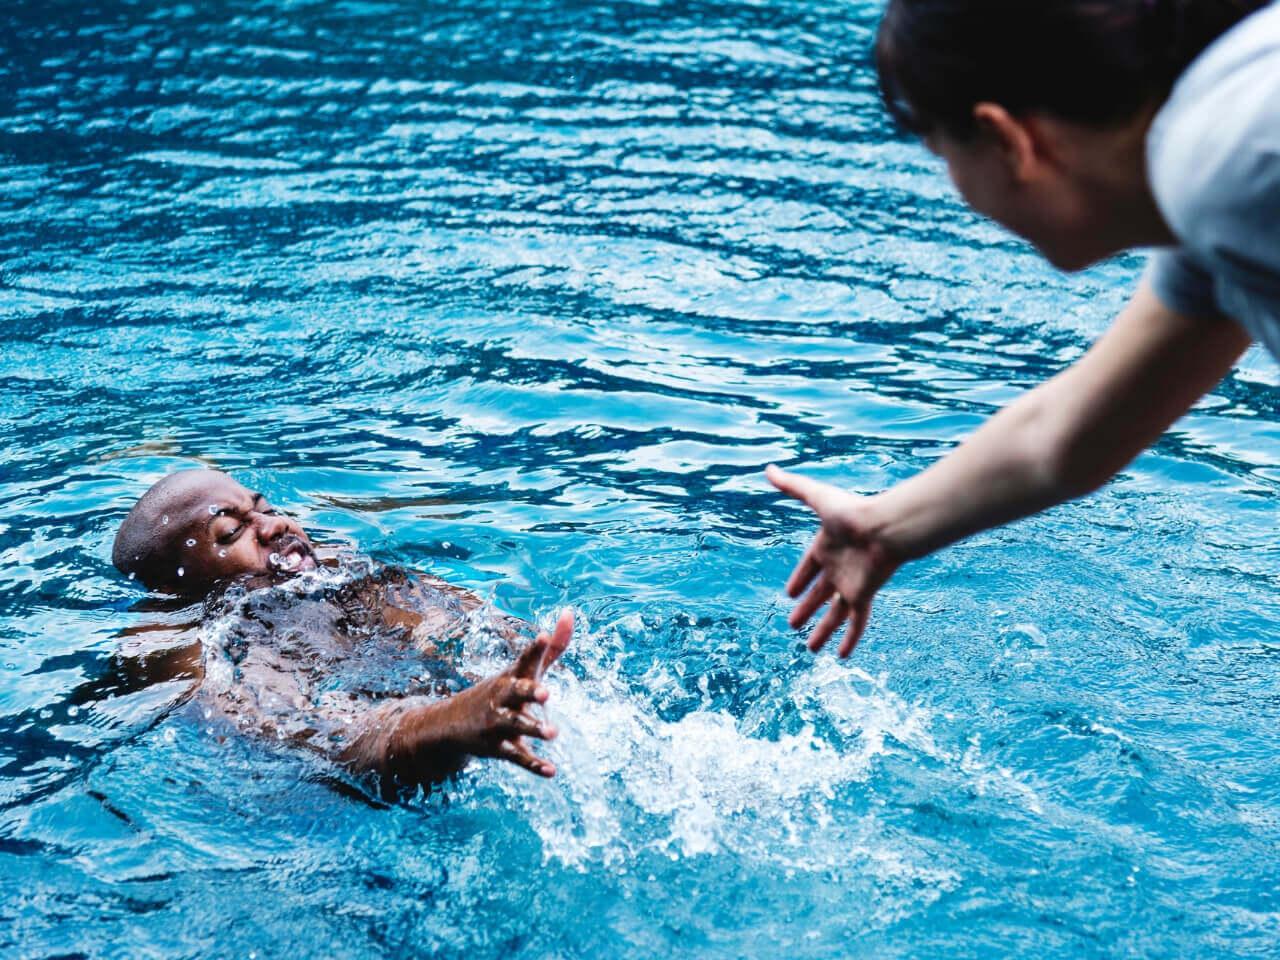 溺れる男性を救助する女性